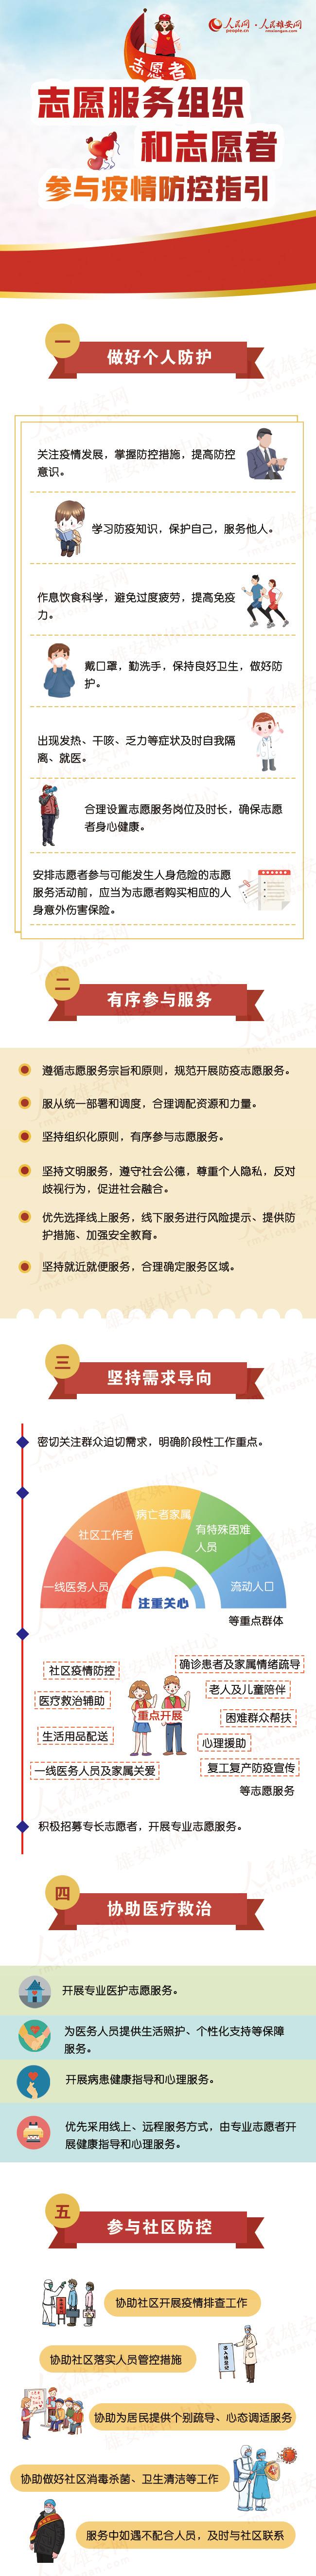 志(zhi)�服�战M�(zhi)和志(zhi)�者(zhe)如何�⑴c疫情防控?指引�砹耍�